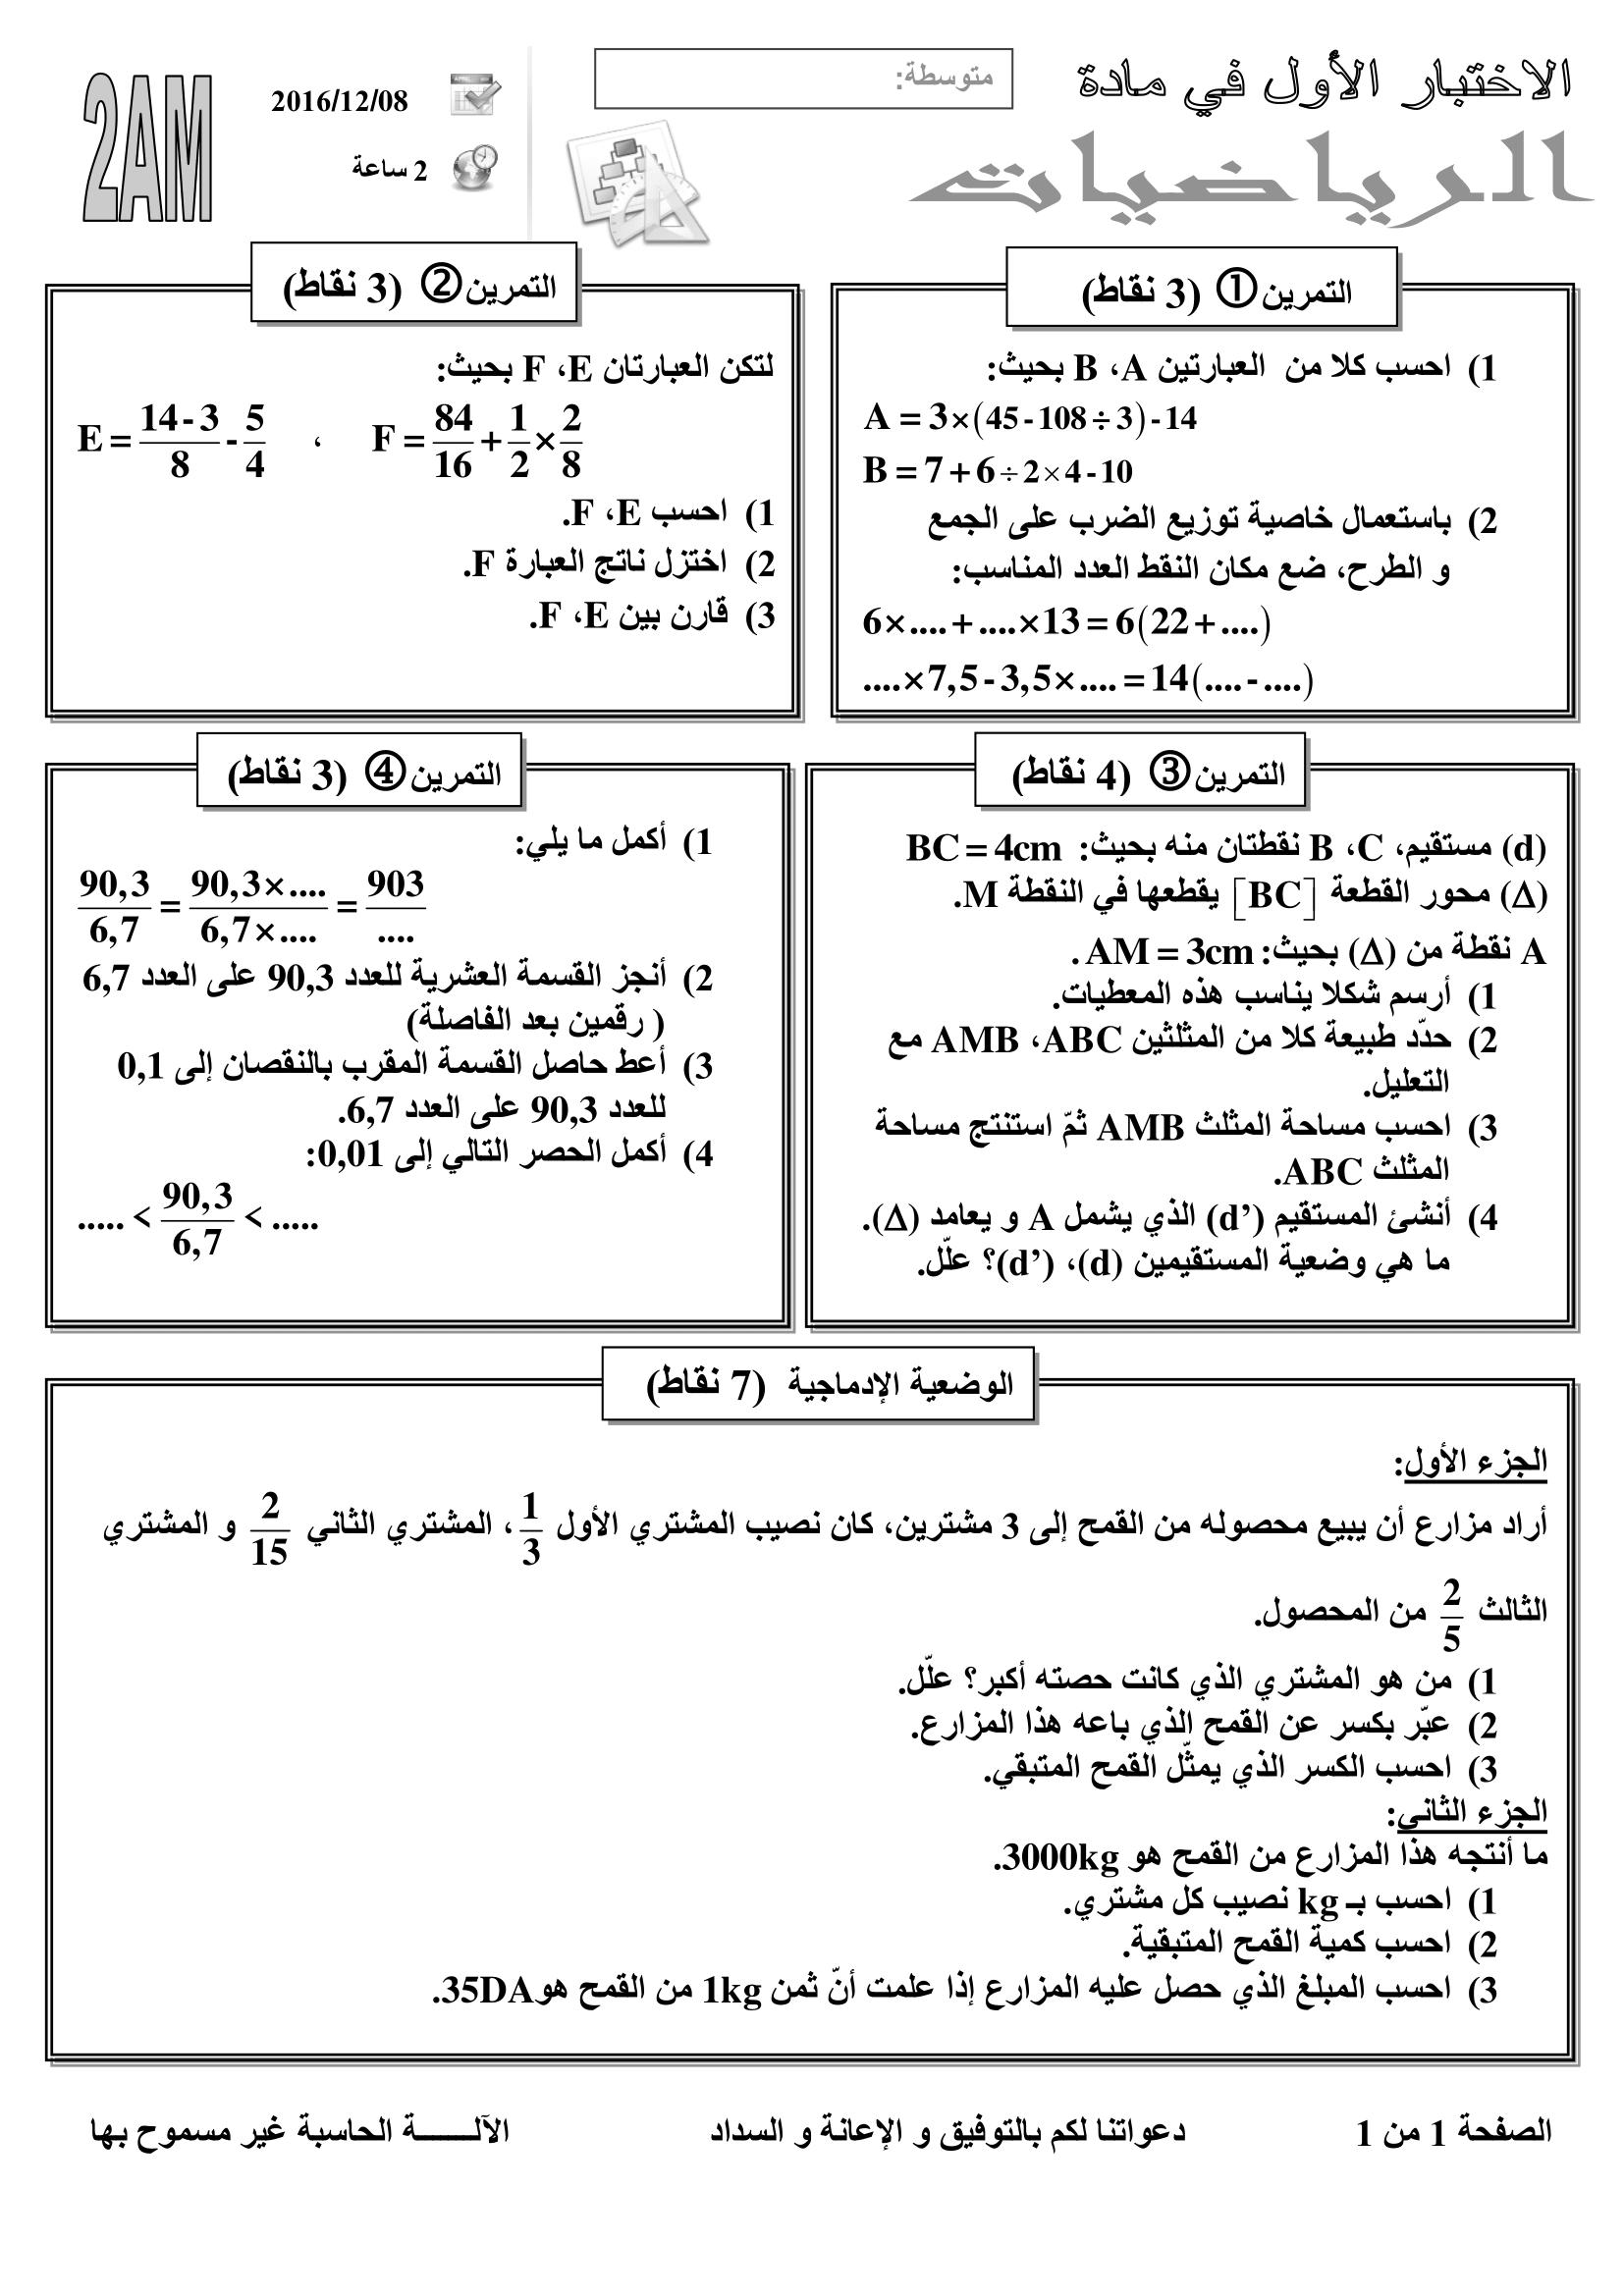 فروض و اختبارات السنة الثانية متوسط مادة الرياضيات الفصل الأول 2016 2017 النموذج 06 Math Exam Sheet Music